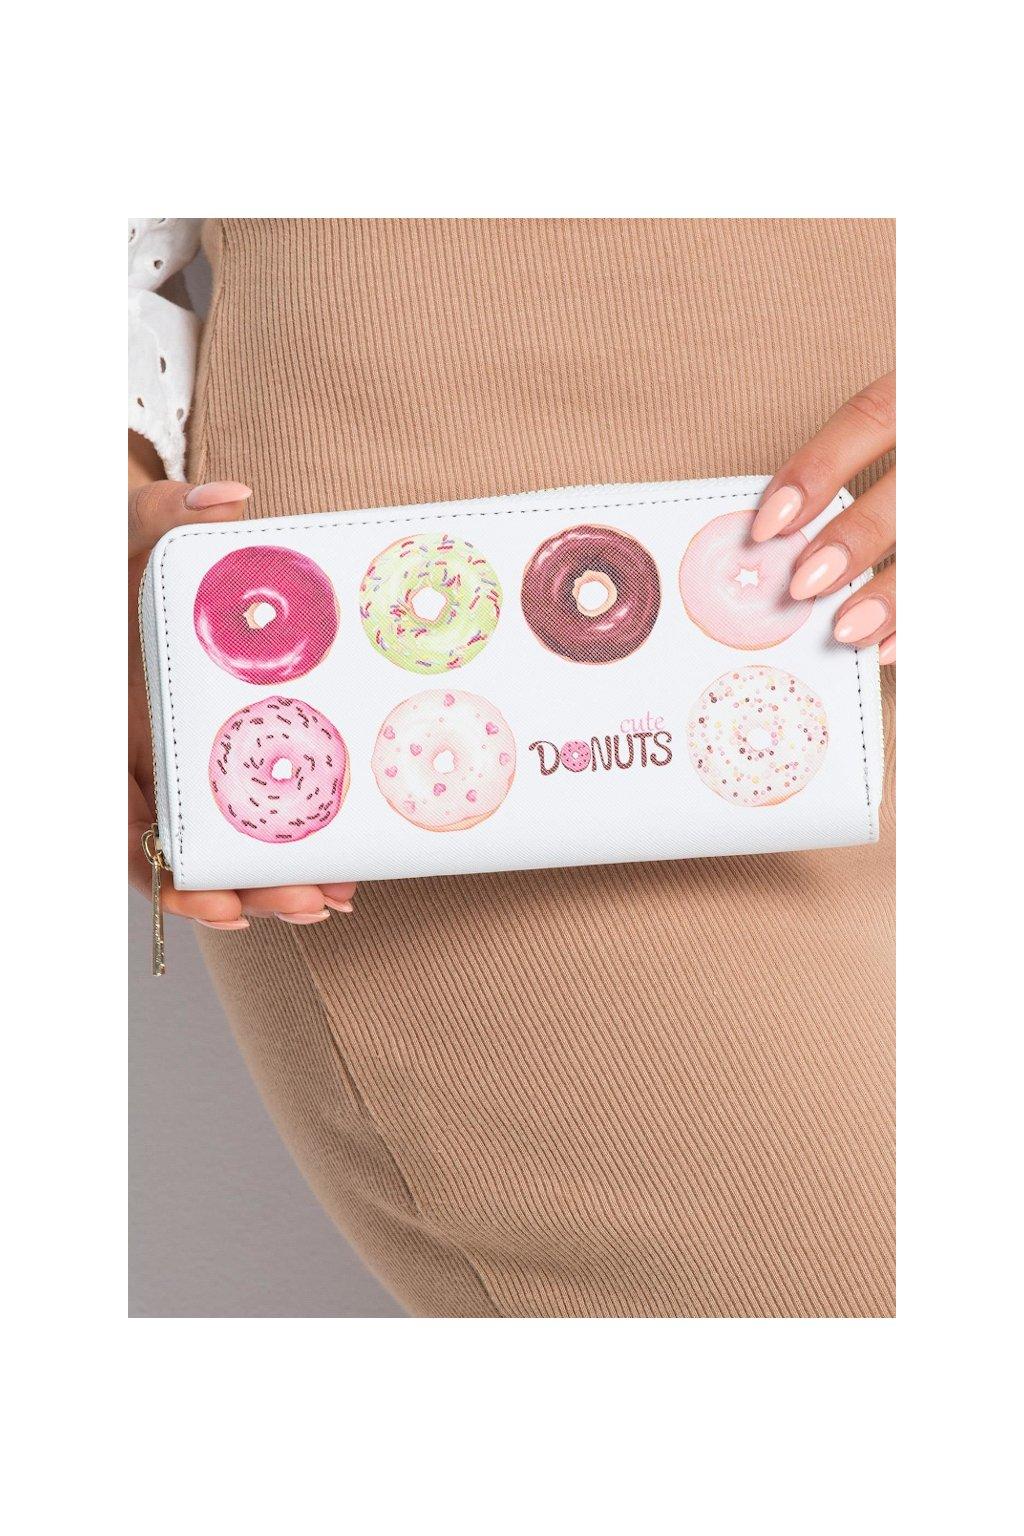 Bílá peněženka s potiskem donutů